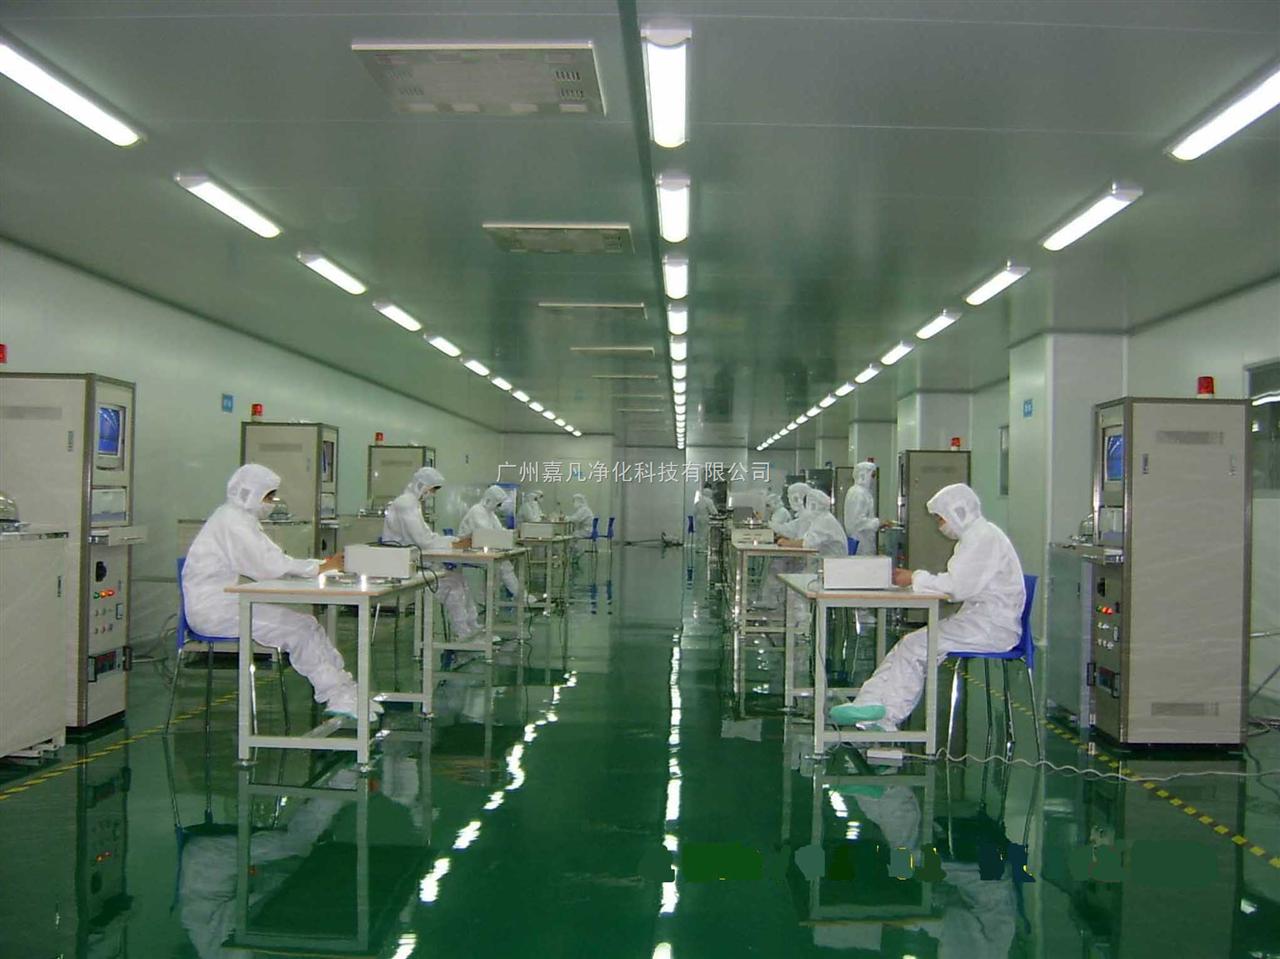 它适用于精密机械工业,电子工业(半导体,集成电路等)宇航工业,高纯度